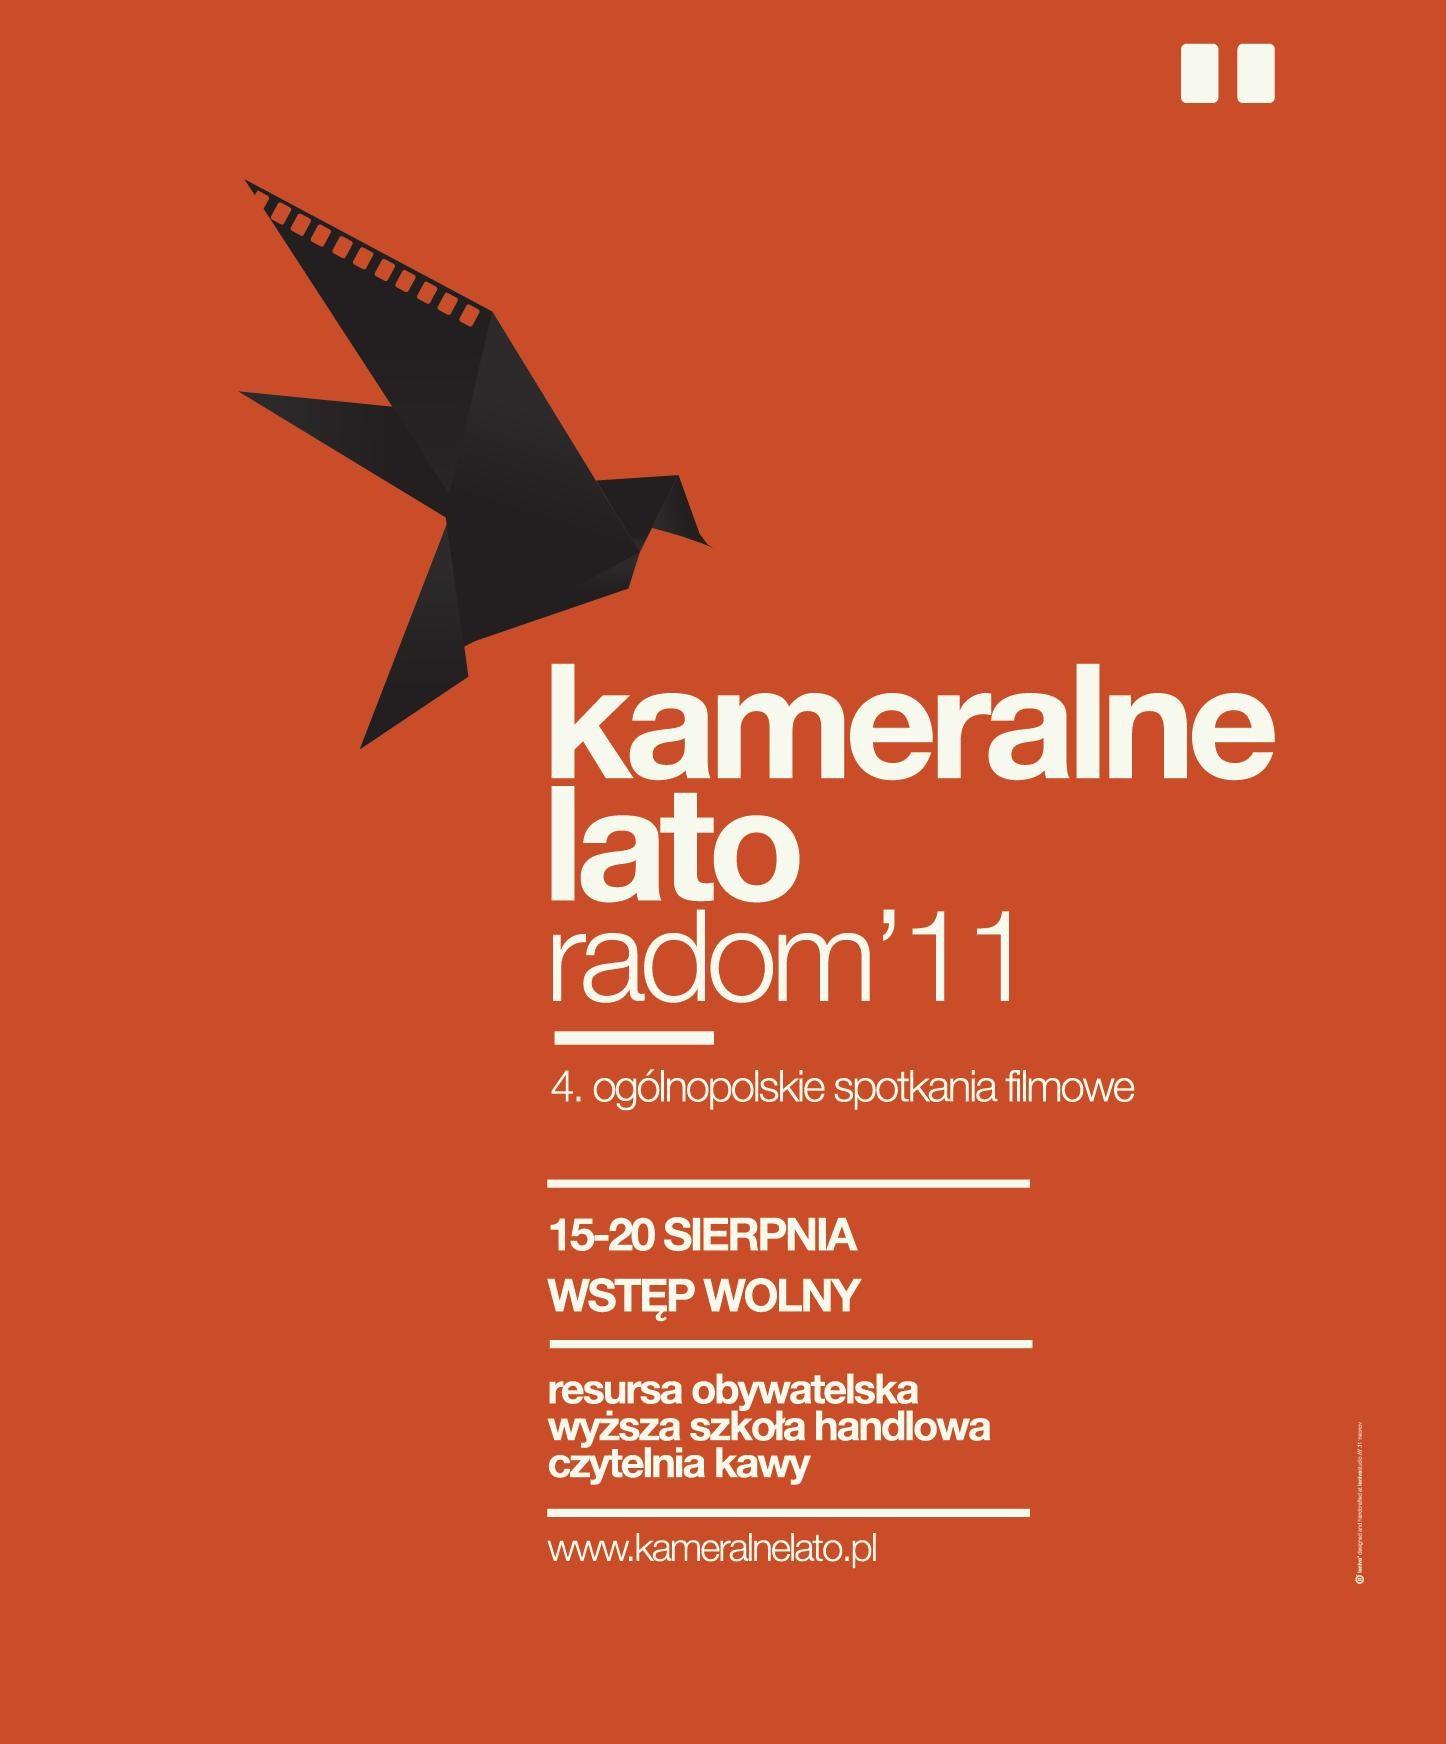 Plakat festiwalu Kameralne Lato (plakat pochodzi z materiałów udostępnionych przez organizatora)